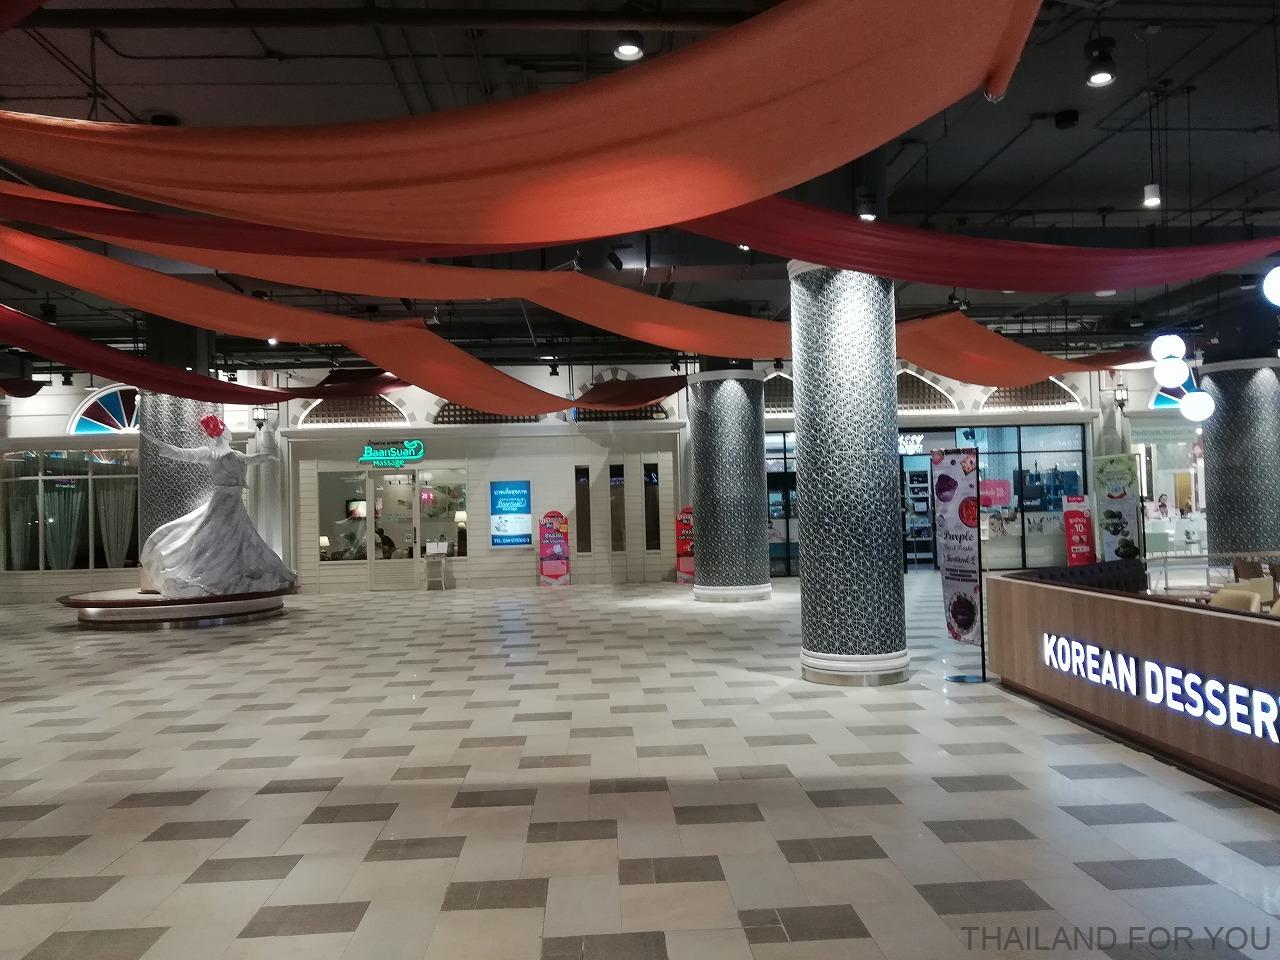 ターミナル21 コラート イスタンブール 写真 画像